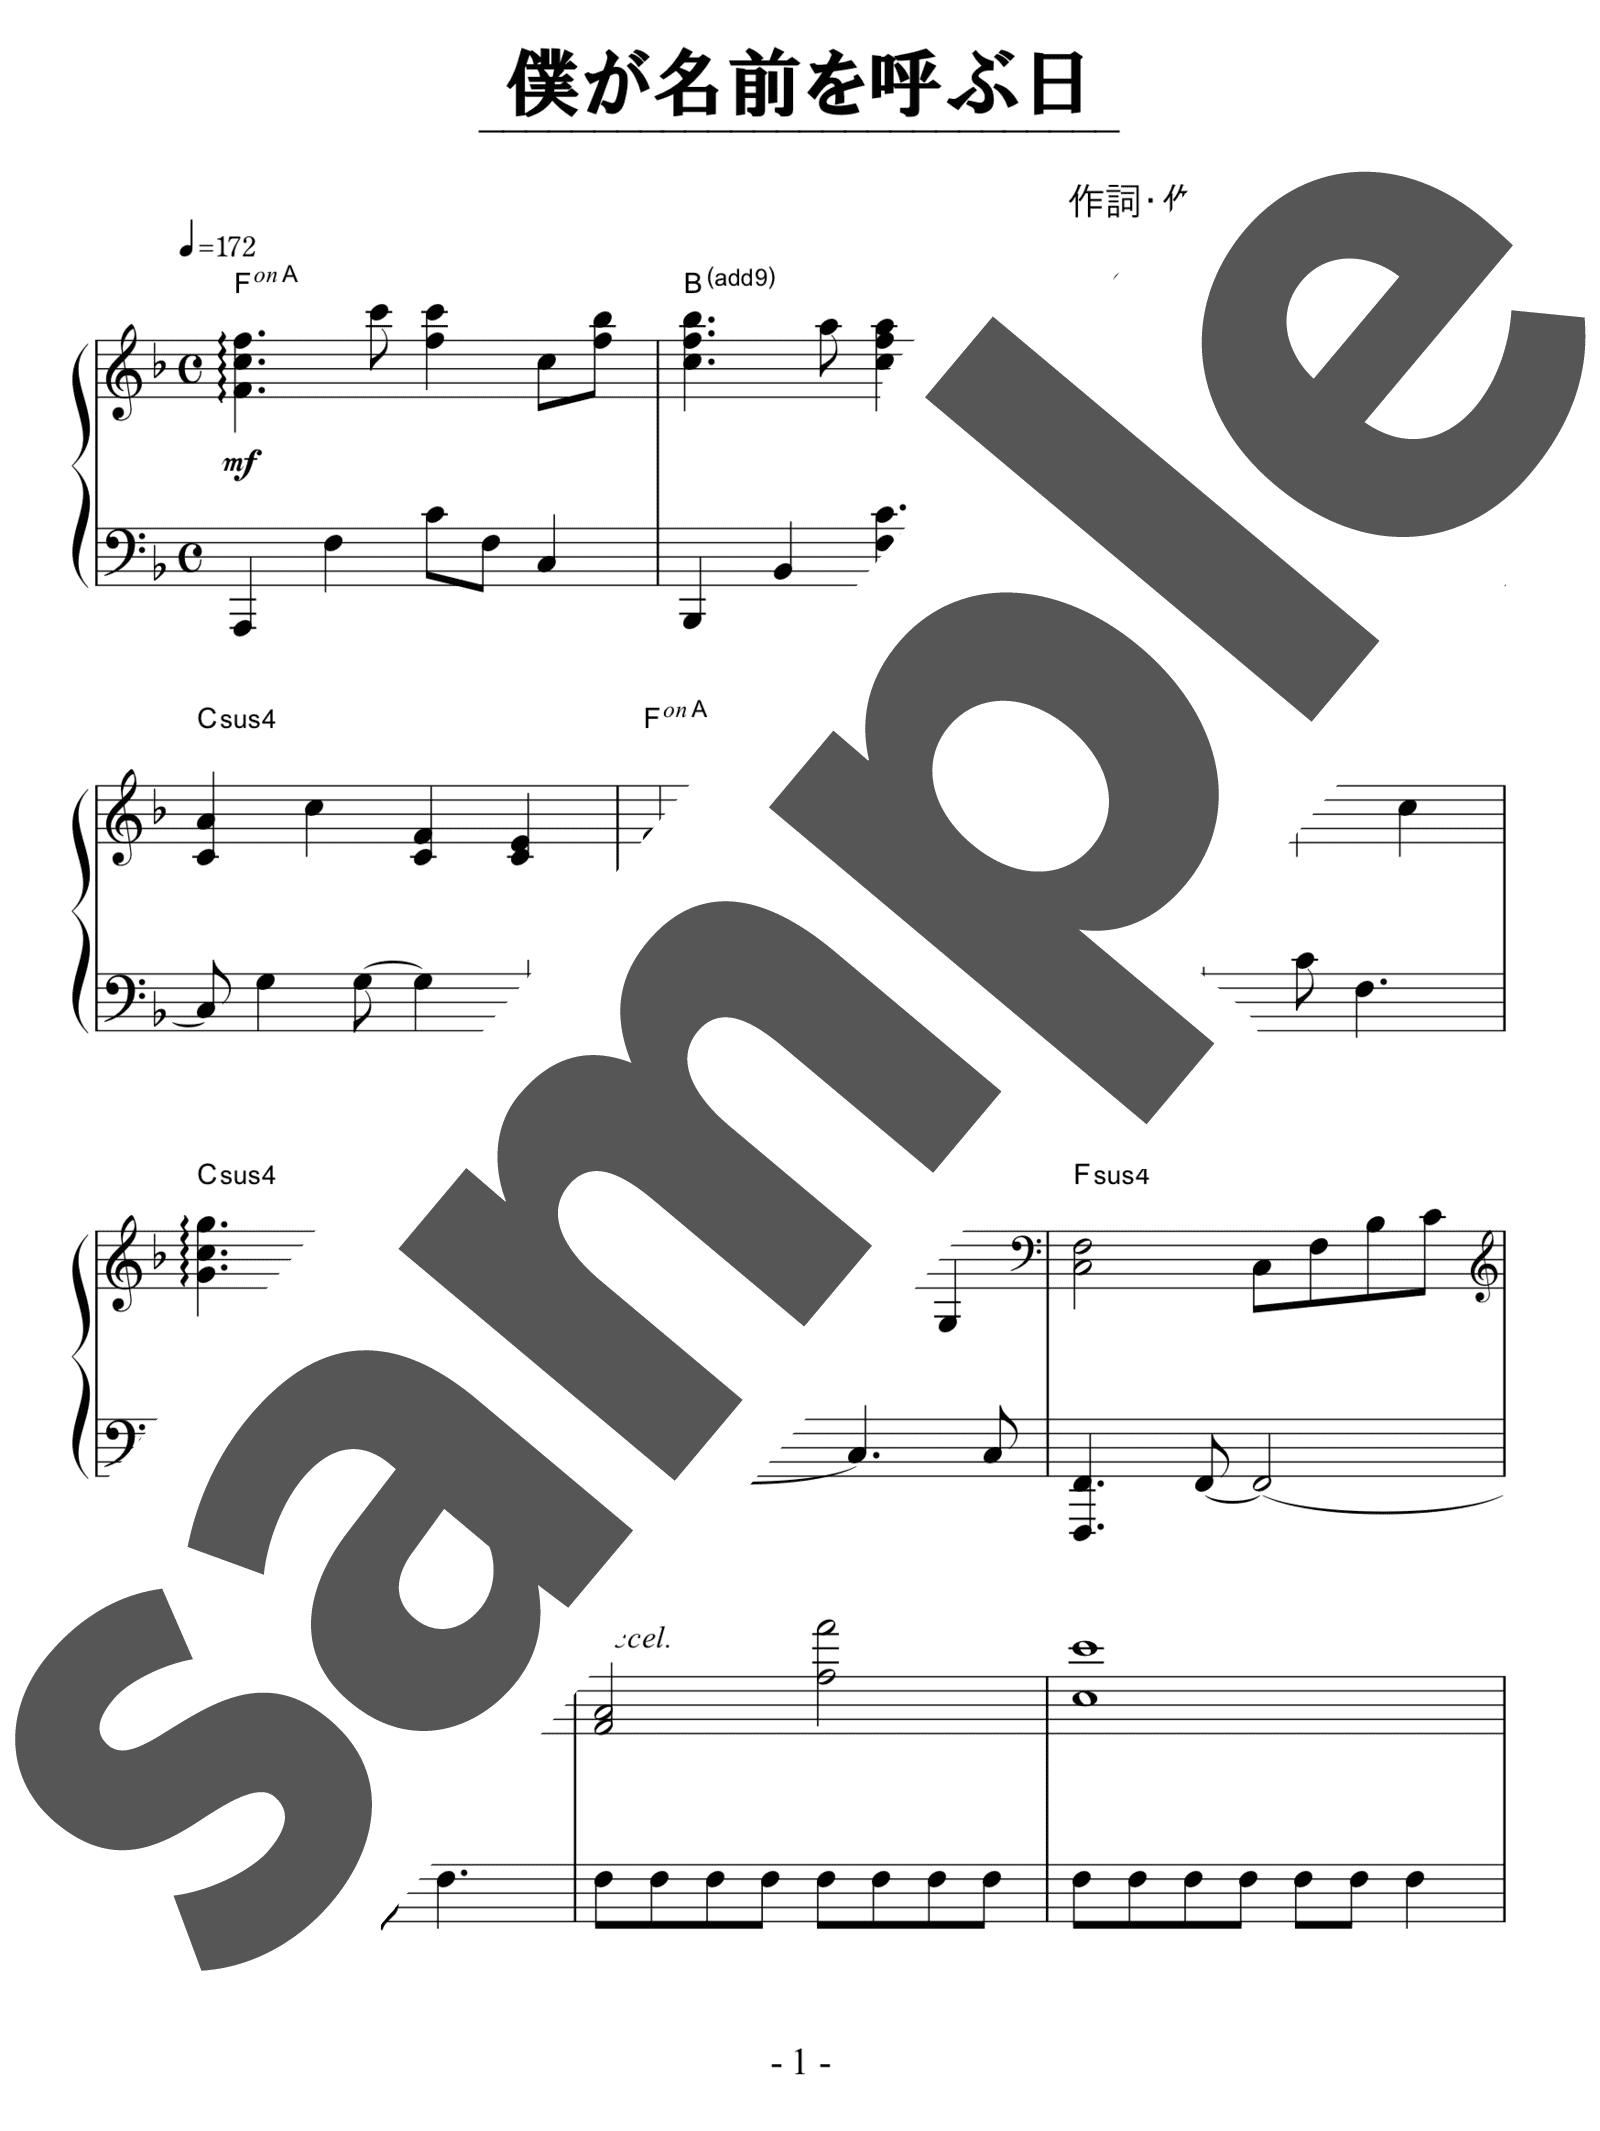 「僕が名前を呼ぶ日 feat.望月蒼太(CV:梶裕貴)」のサンプル楽譜